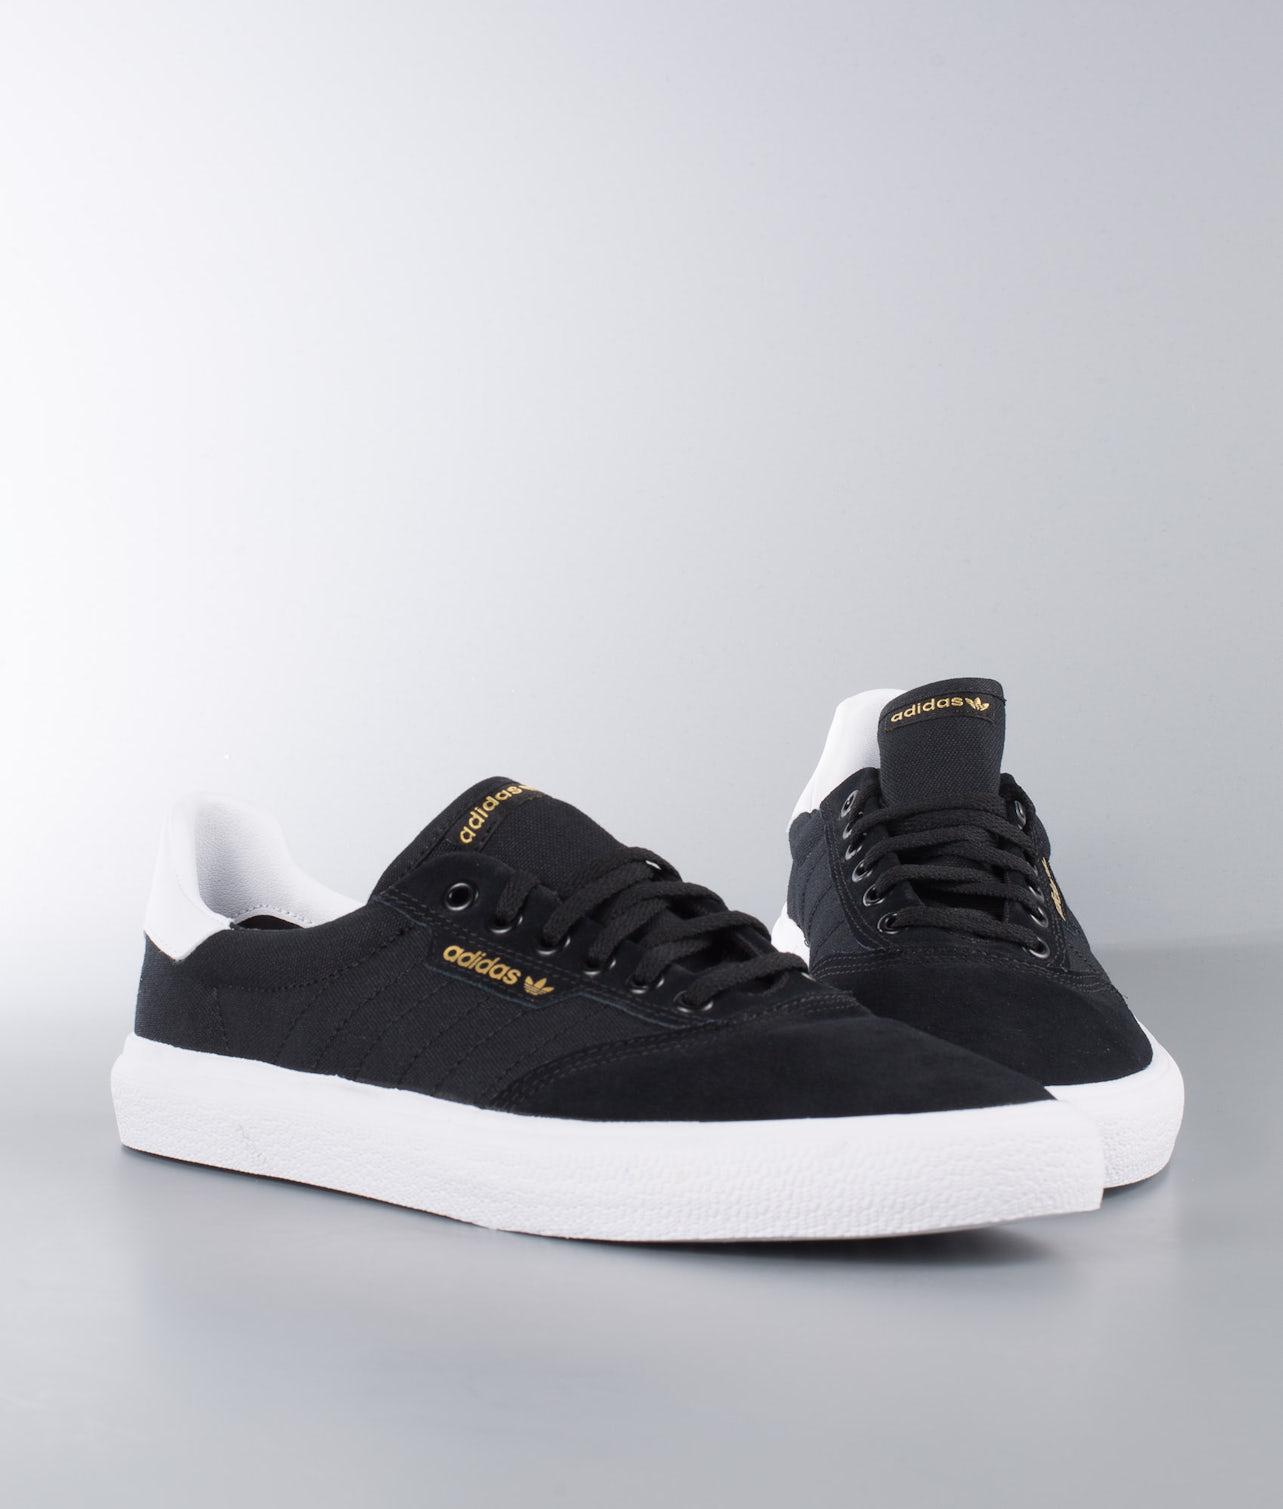 Kjøp 3MC Sko fra Adidas Skateboarding på Ridestore.no - Hos oss har du alltid fri frakt, fri retur og 30 dagers åpent kjøp!